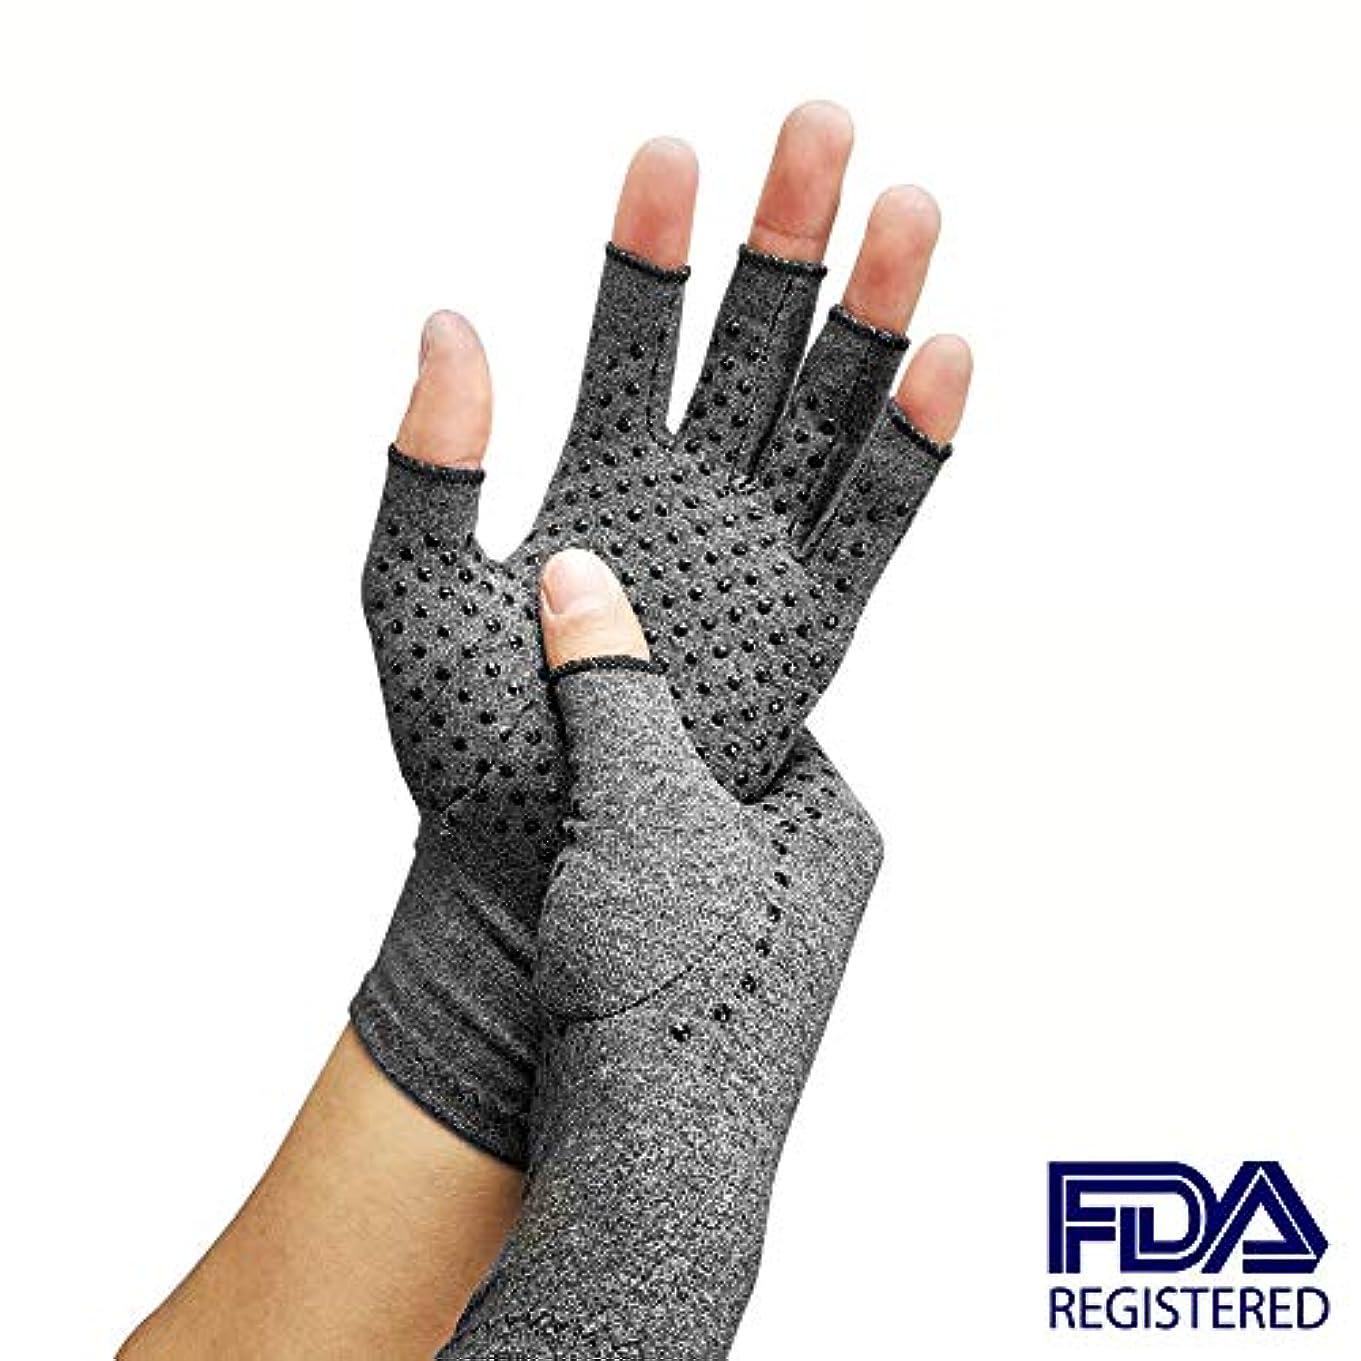 リングレット麻痺驚かす圧縮関節炎手袋、関節リウマチおよび変形性関節症用の指なし手手袋-関節痛および心皮トンネルのリリーフ-男性および女性